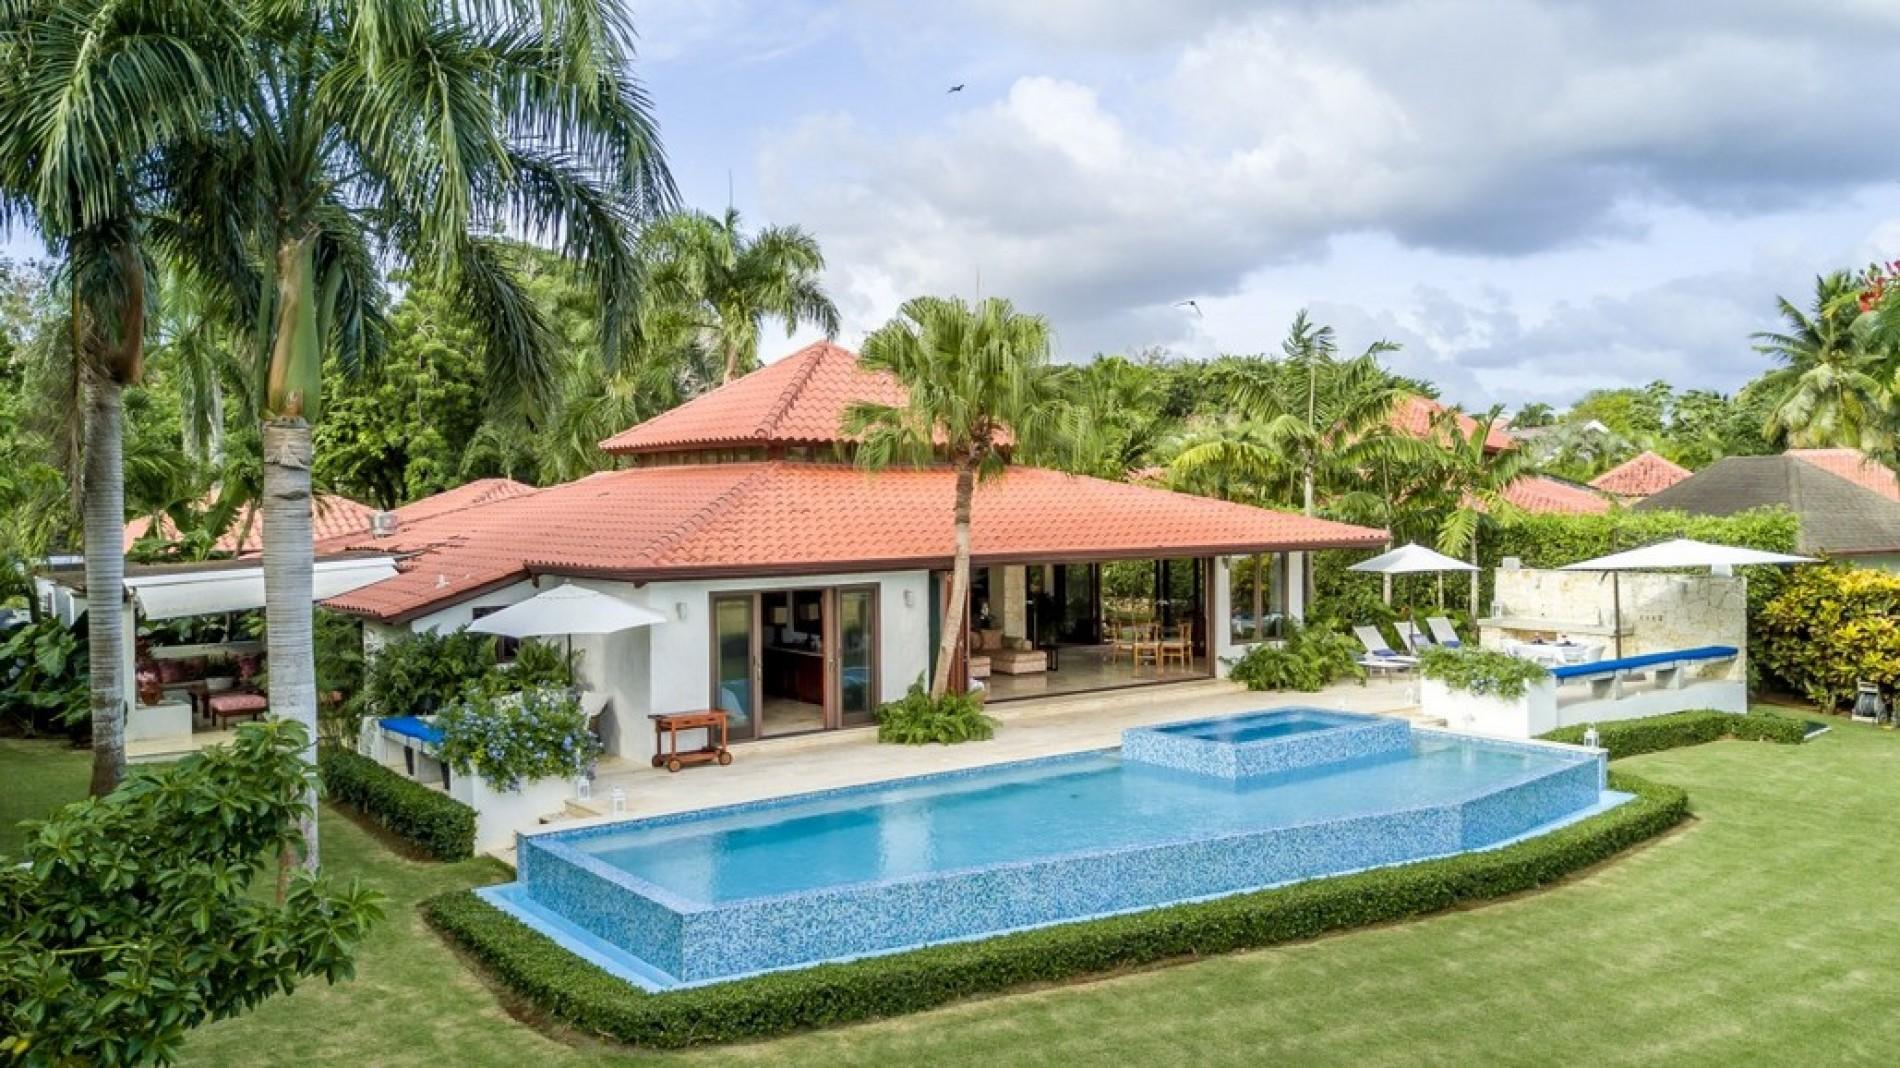 Villa Flamboyan 4 Bedroom Casa De Campo